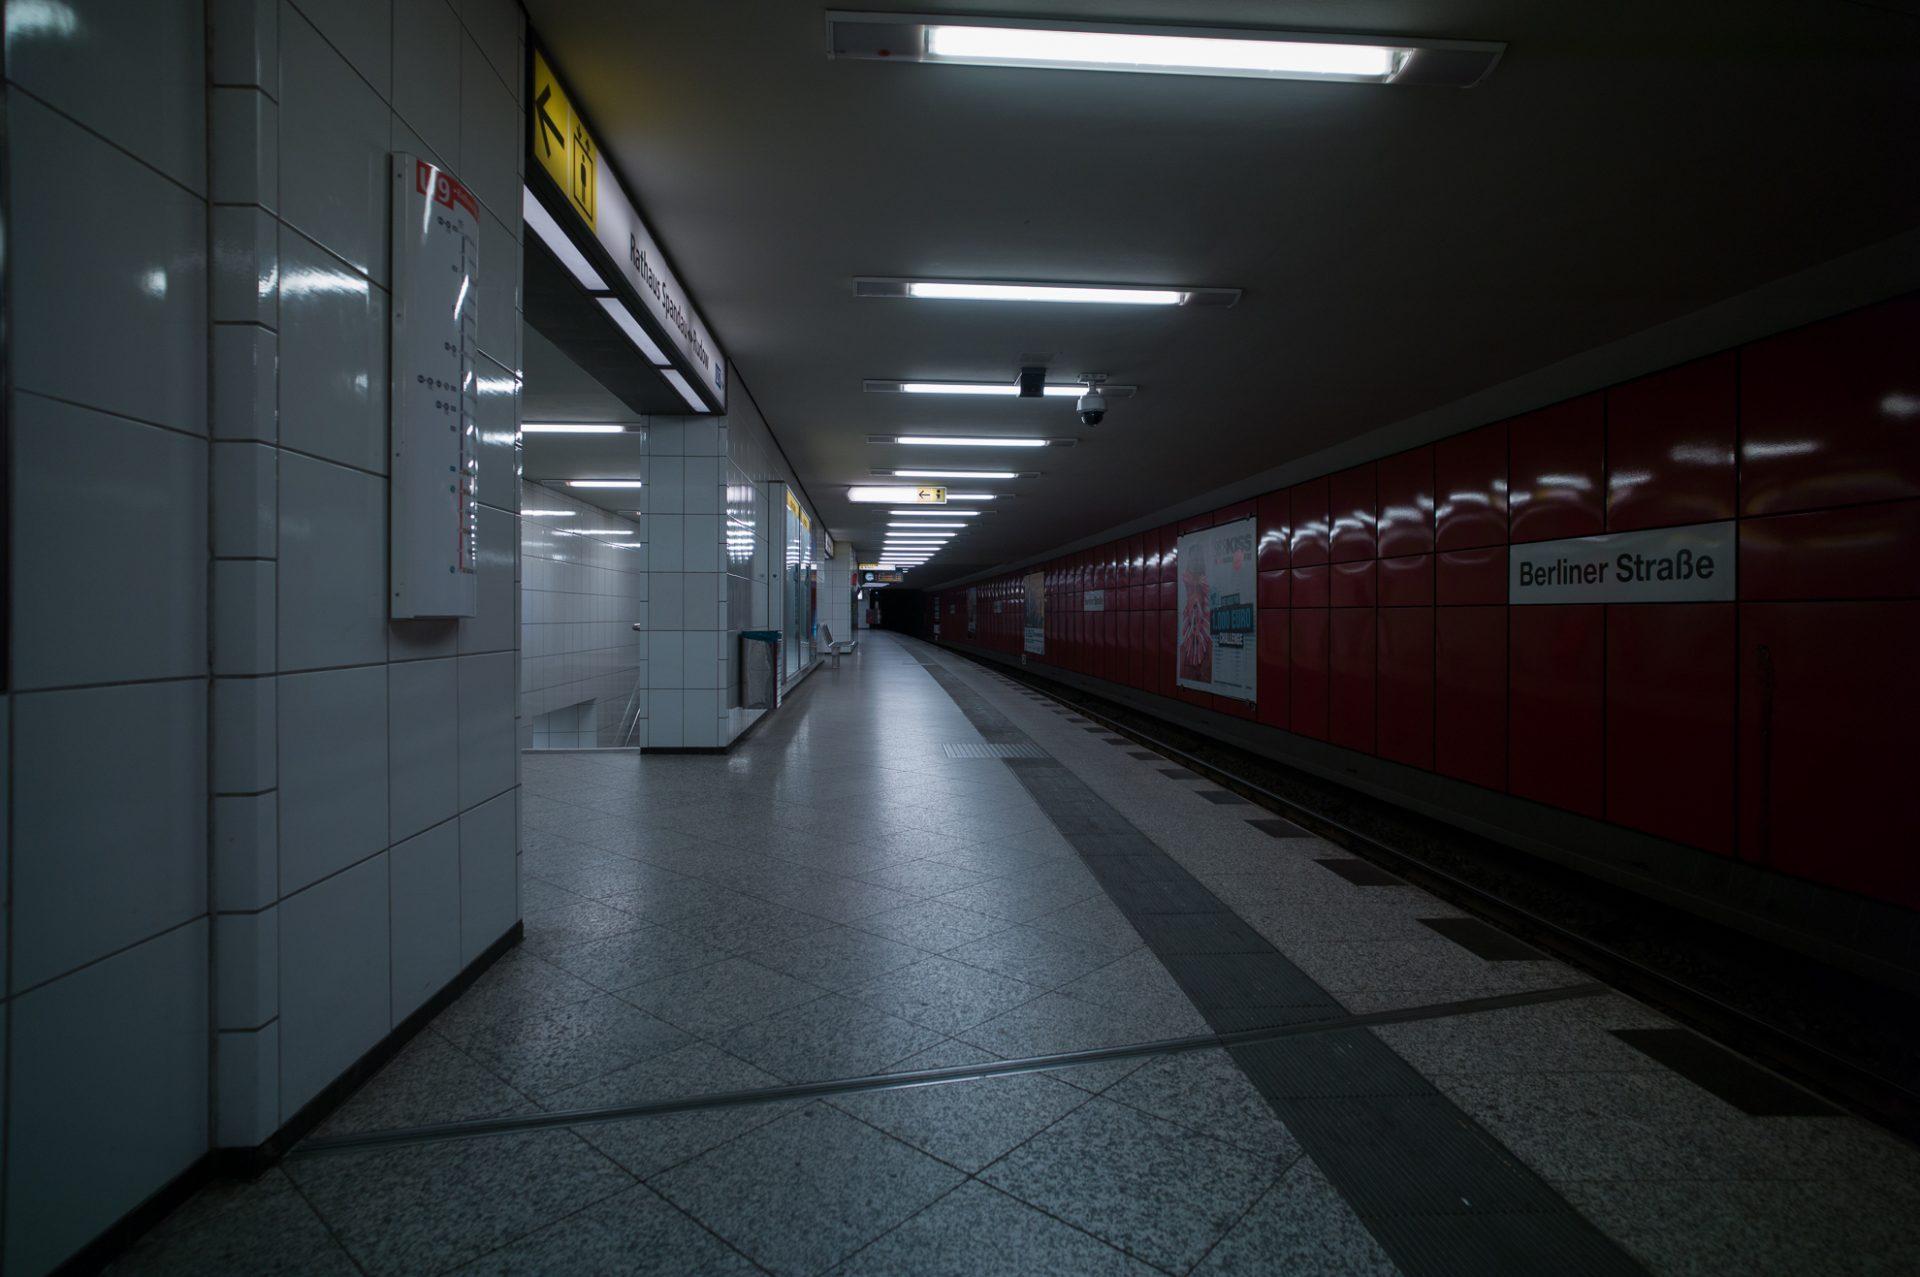 u9_berlinerstr (4 von 4)